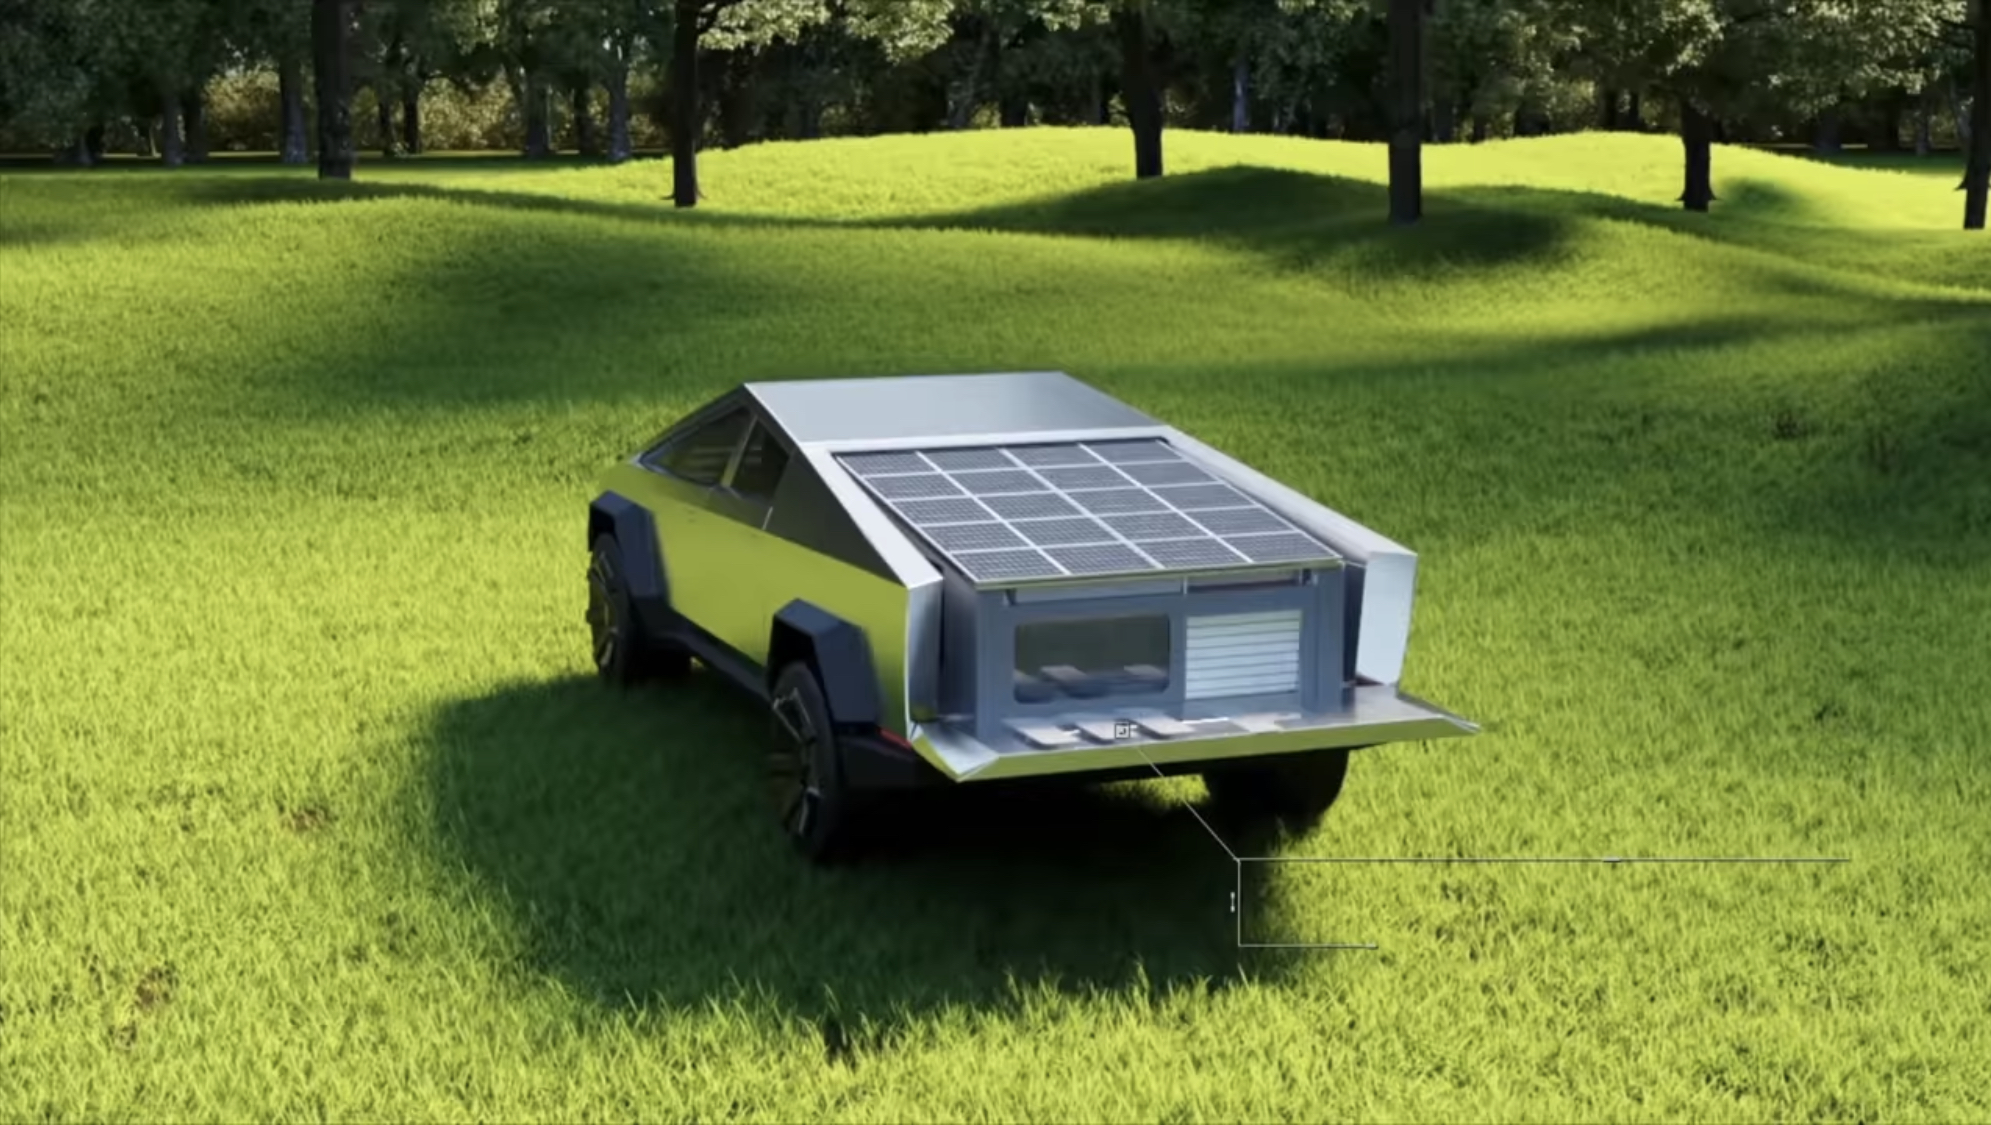 Kempingová nadstavba Tesla Cybertruck (Foto: Cyberlandr)